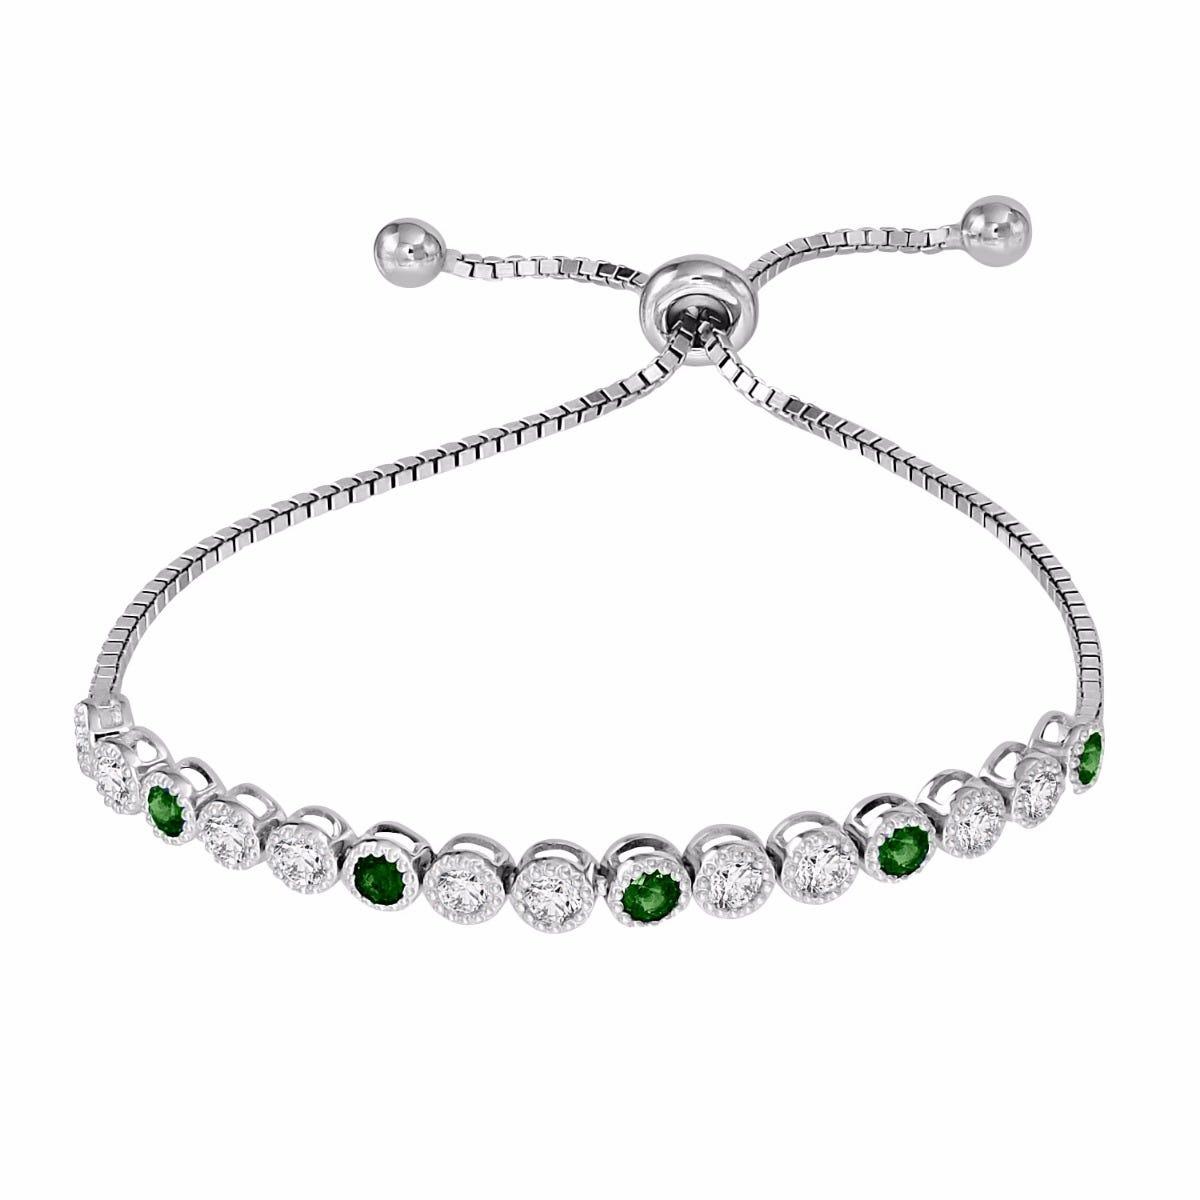 Emerald & White Zircon Bolo Bracelet in Sterling Silver